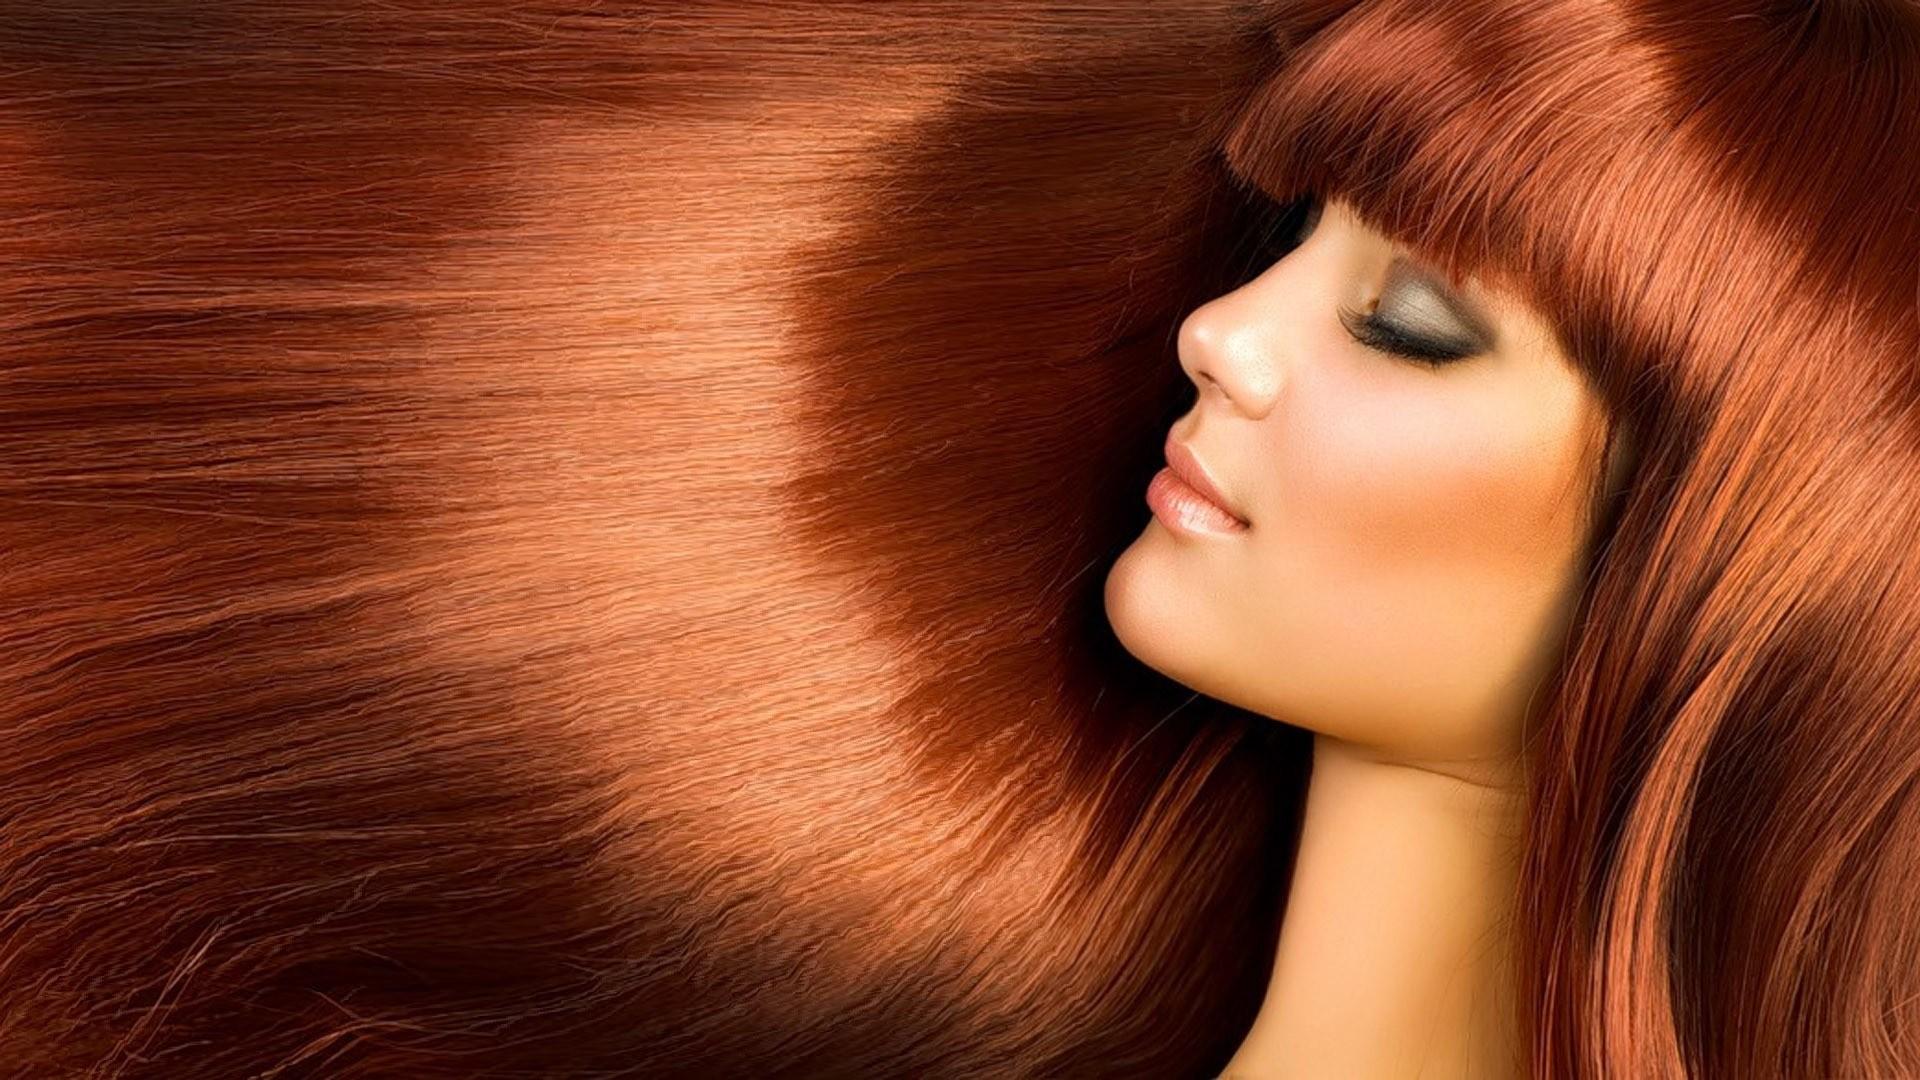 redhead 20623